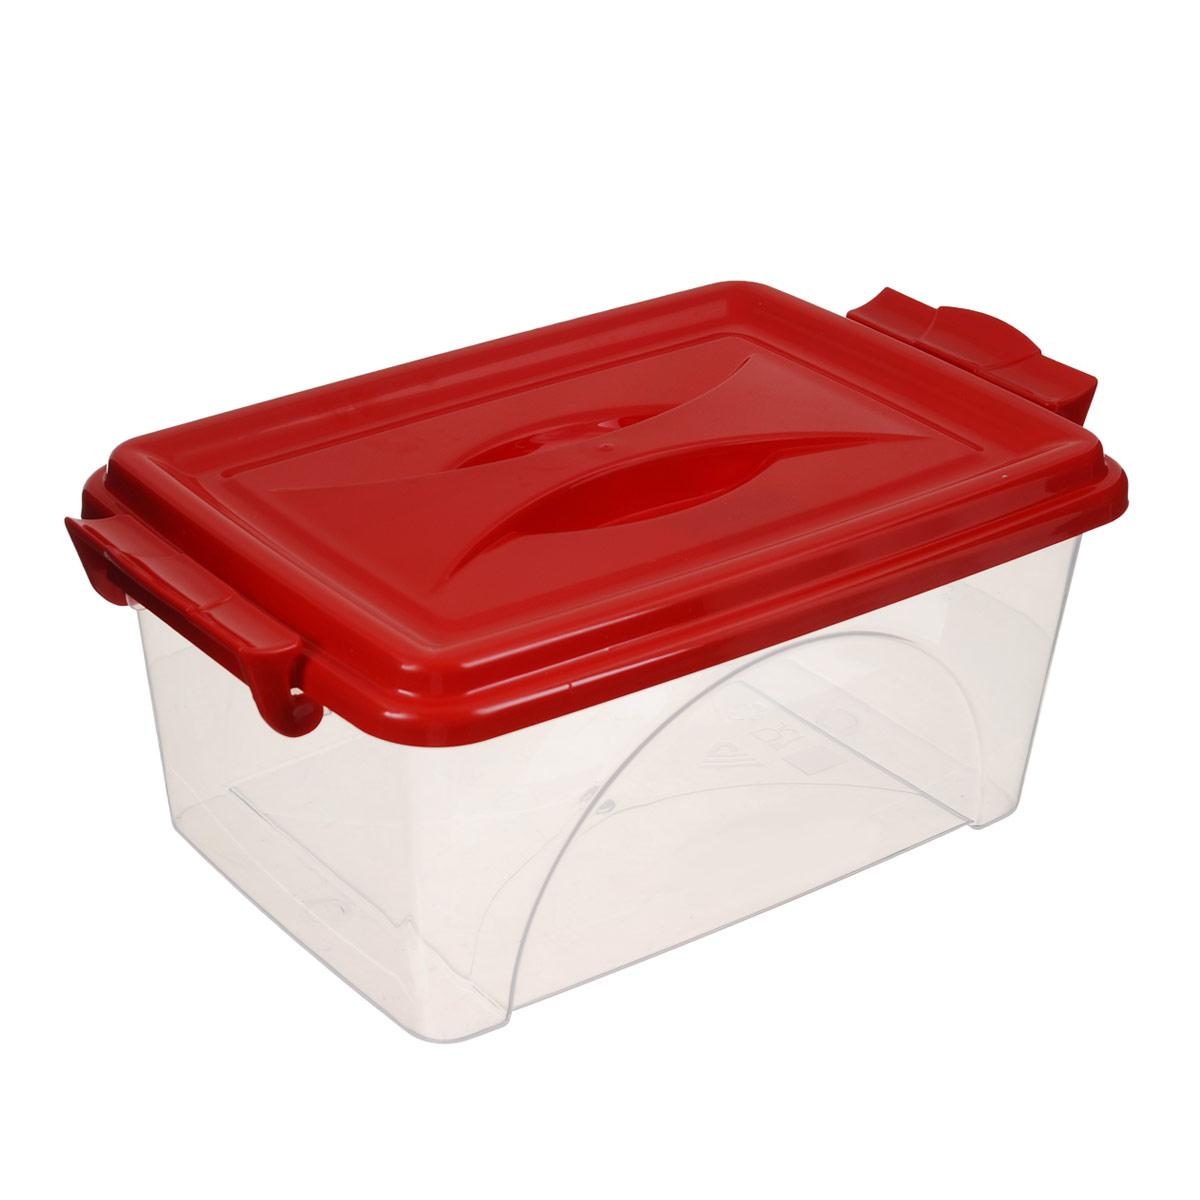 Контейнер Альтернатива, цвет: красный, 2,5 лМ421_красныйКонтейнер Альтернатива выполнен из прочного пластика. Он предназначен для хранения различных мелких вещей. Крышка легко открывается и плотно закрывается. Прозрачные стенки позволяют видеть содержимое. По бокам предусмотрены две удобные ручки, с помощью которых контейнер закрывается. Контейнер поможет хранить все в одном месте, а также защитить вещи от пыли, грязи и влаги. Уважаемые клиенты! Обращаем ваше внимание на то, что цвет ручек товара может меняться в зависимости от прихода на склад.